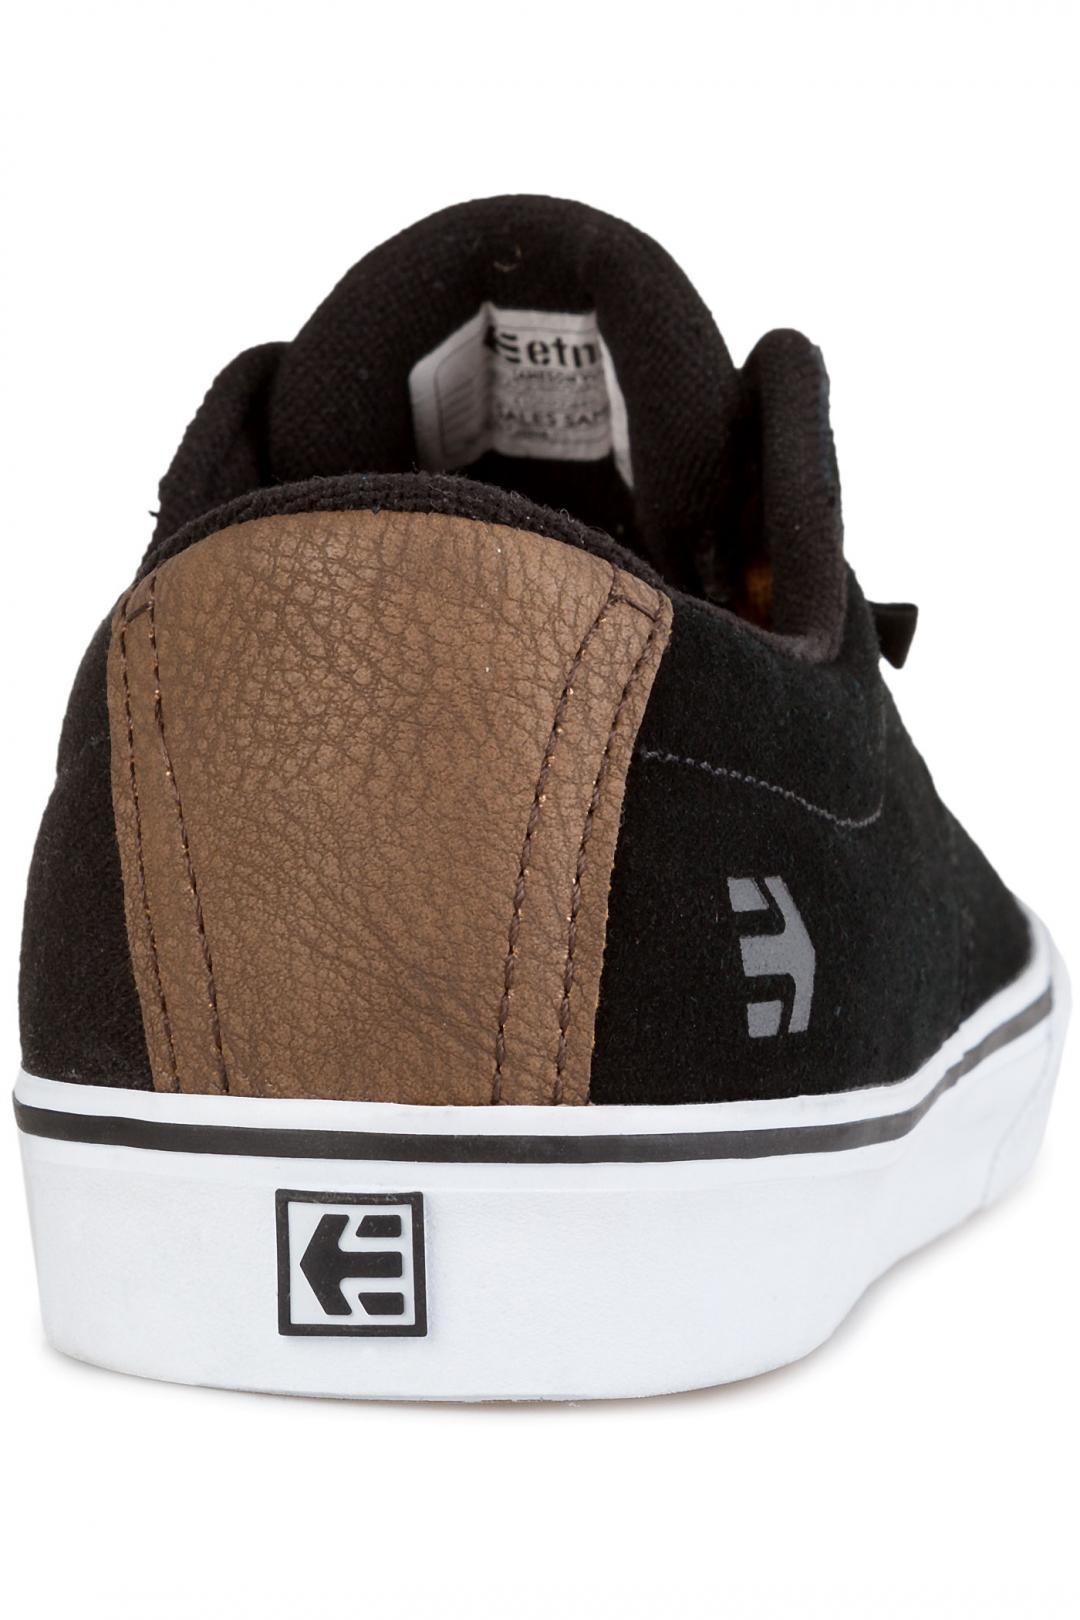 Uomo Etnies Jameson Vulc black brown grey   Scarpe da skate